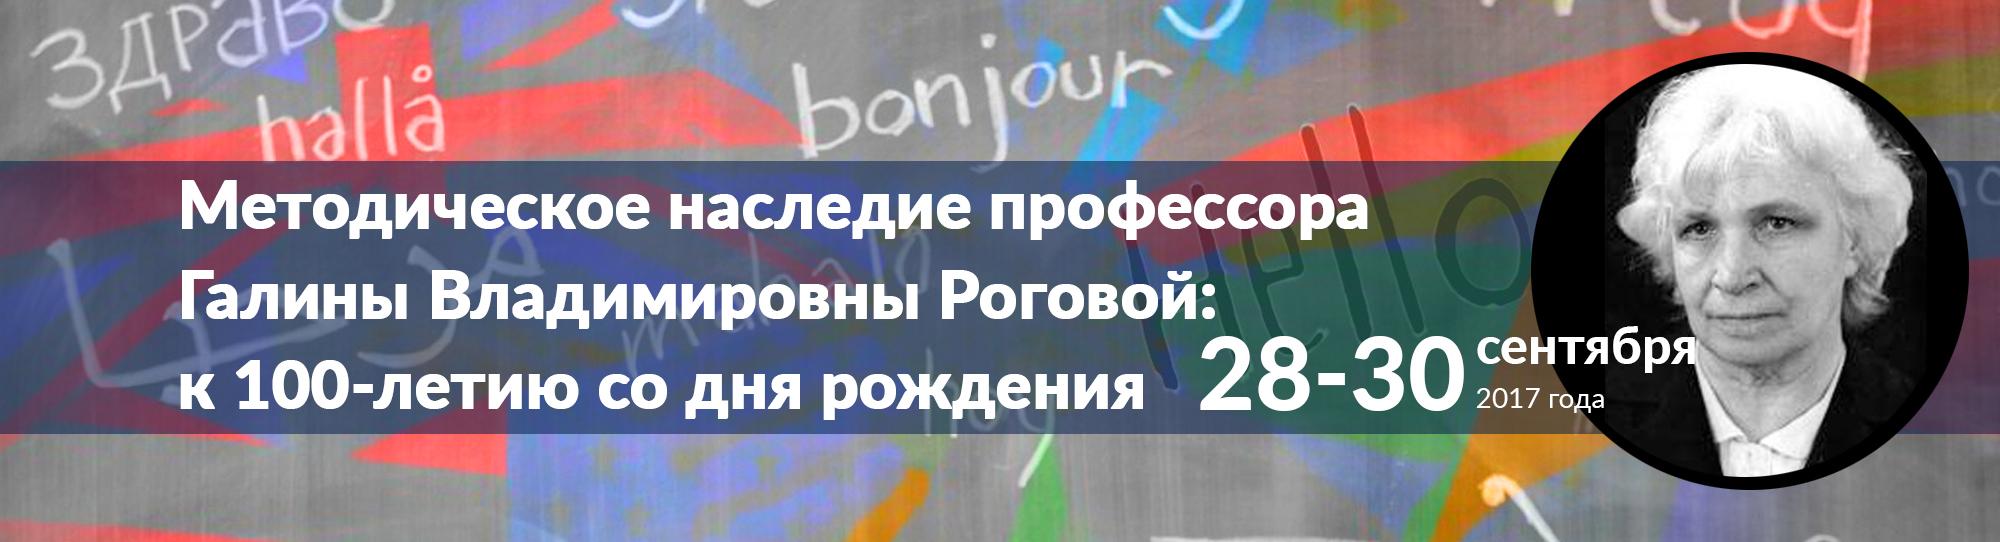 Международный форум к 100-летию со дня рождения2